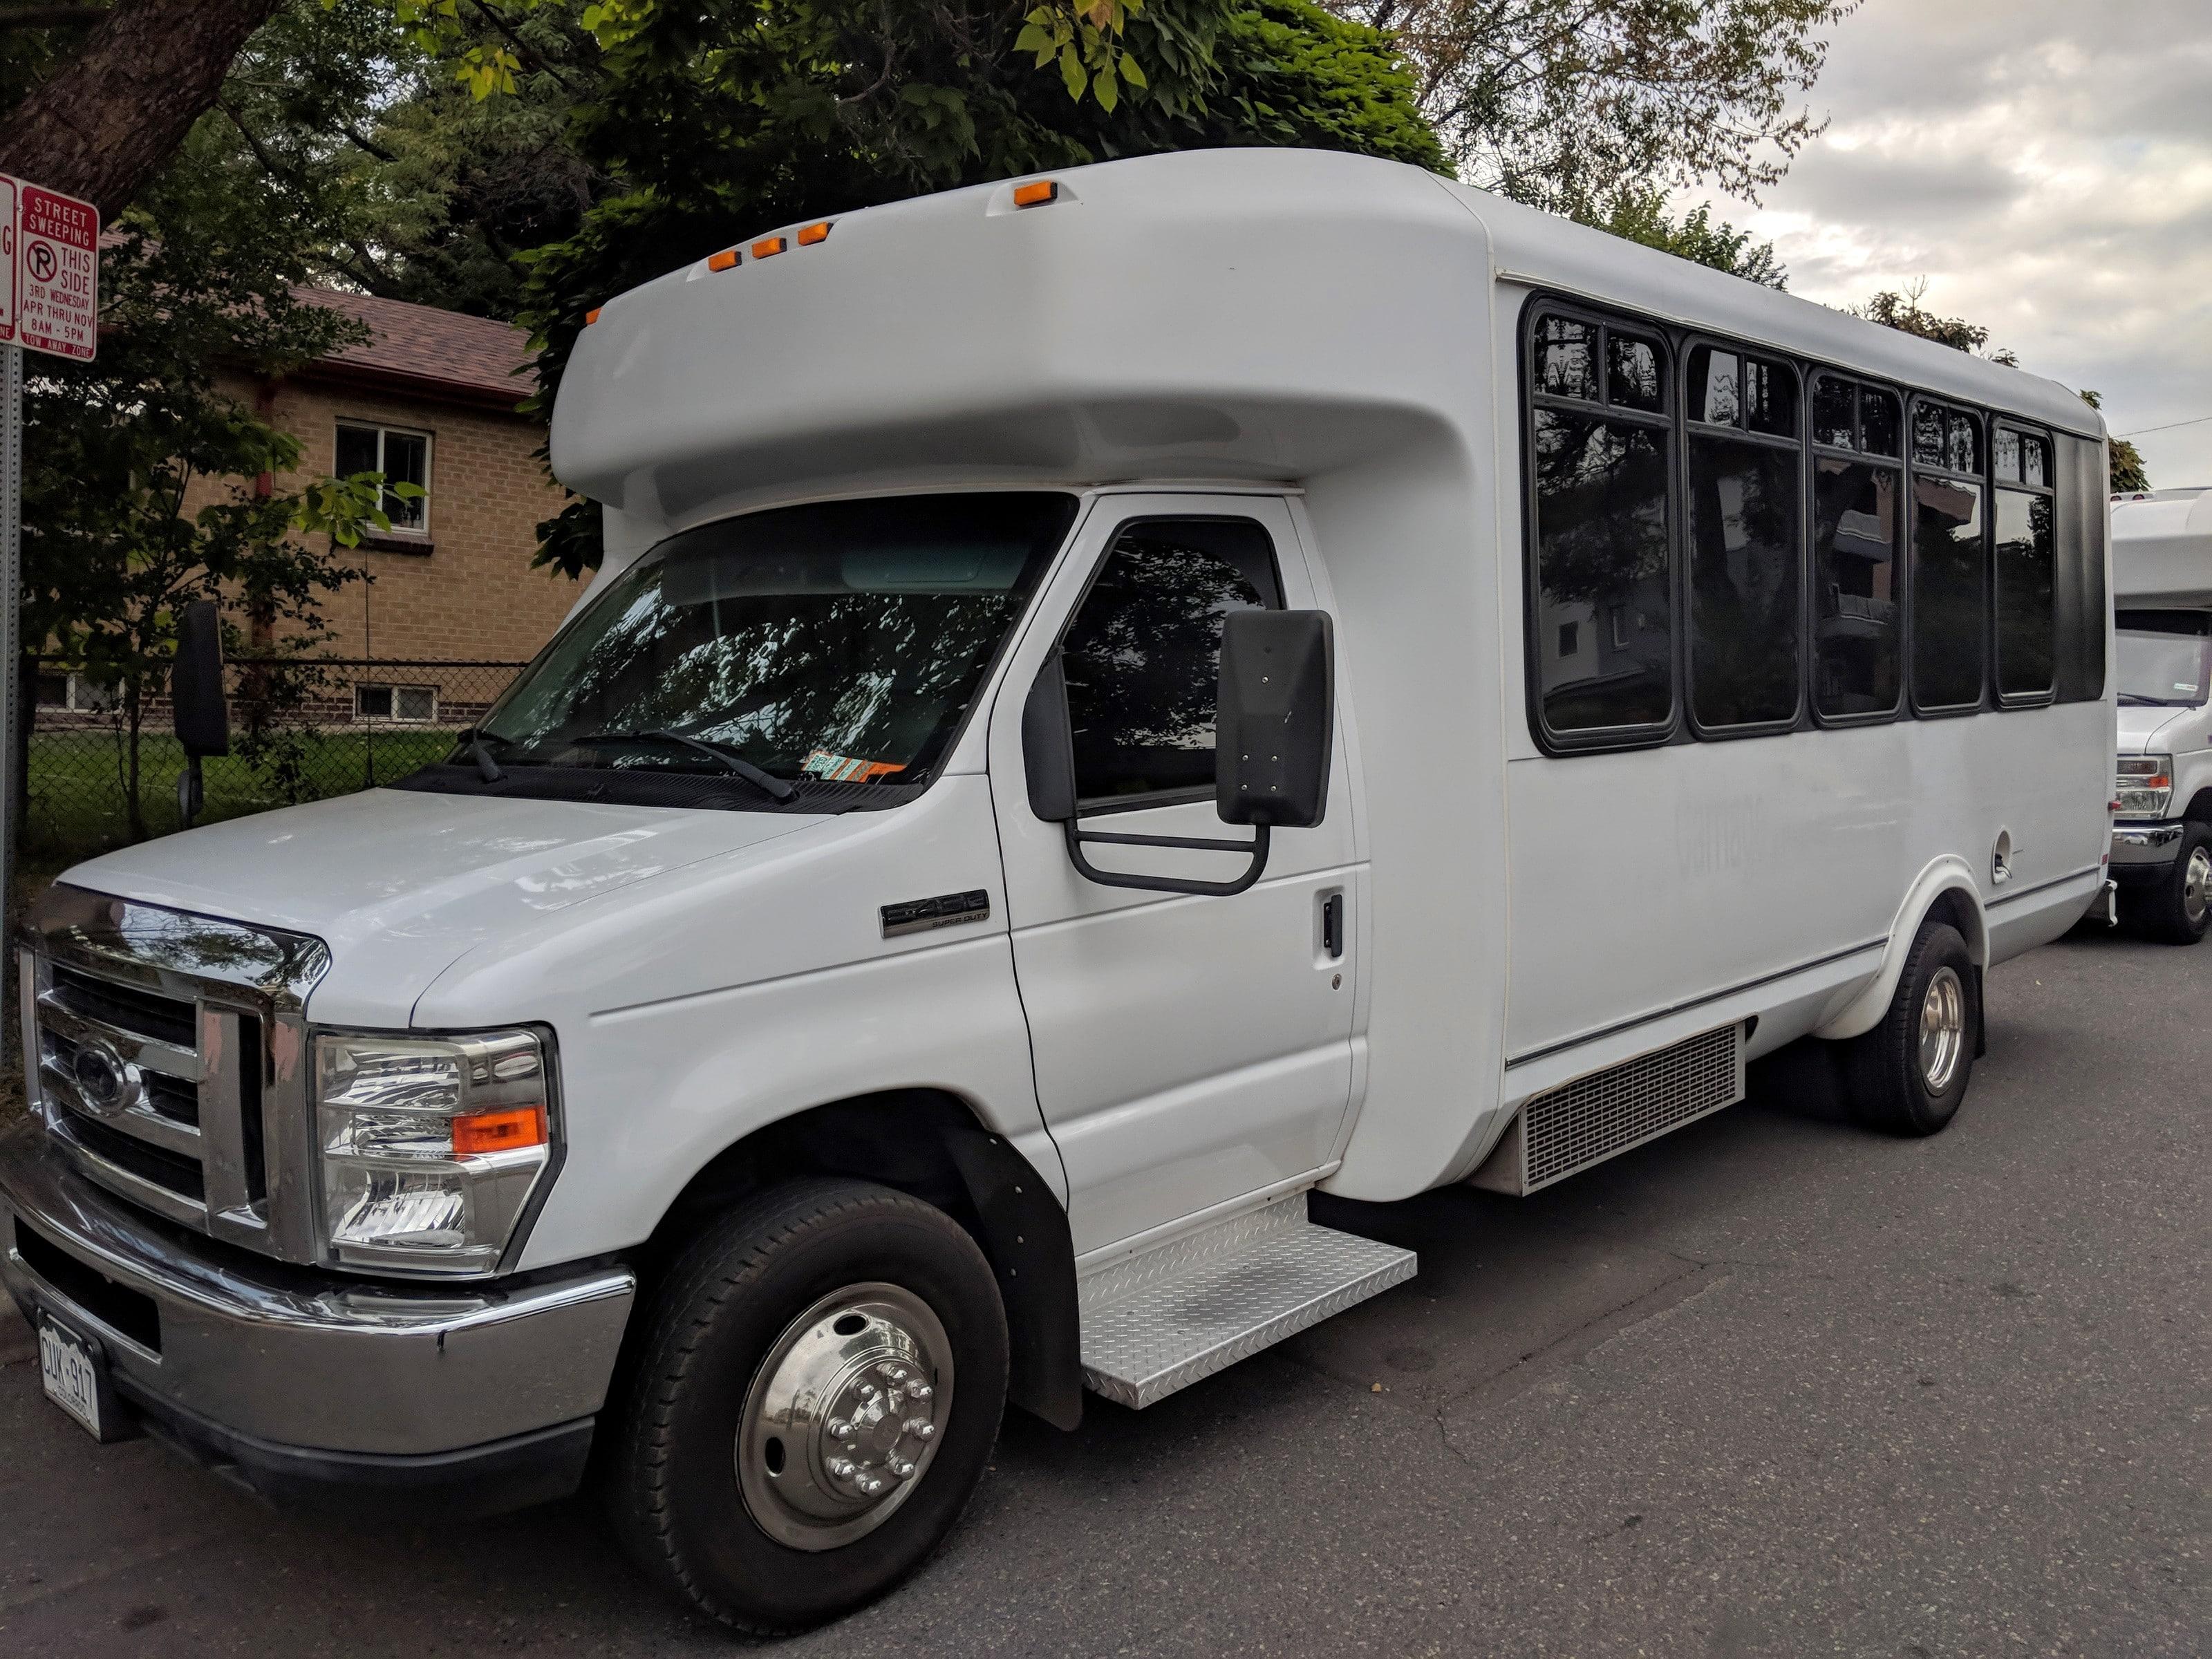 Party Bus in Denver, Colorado